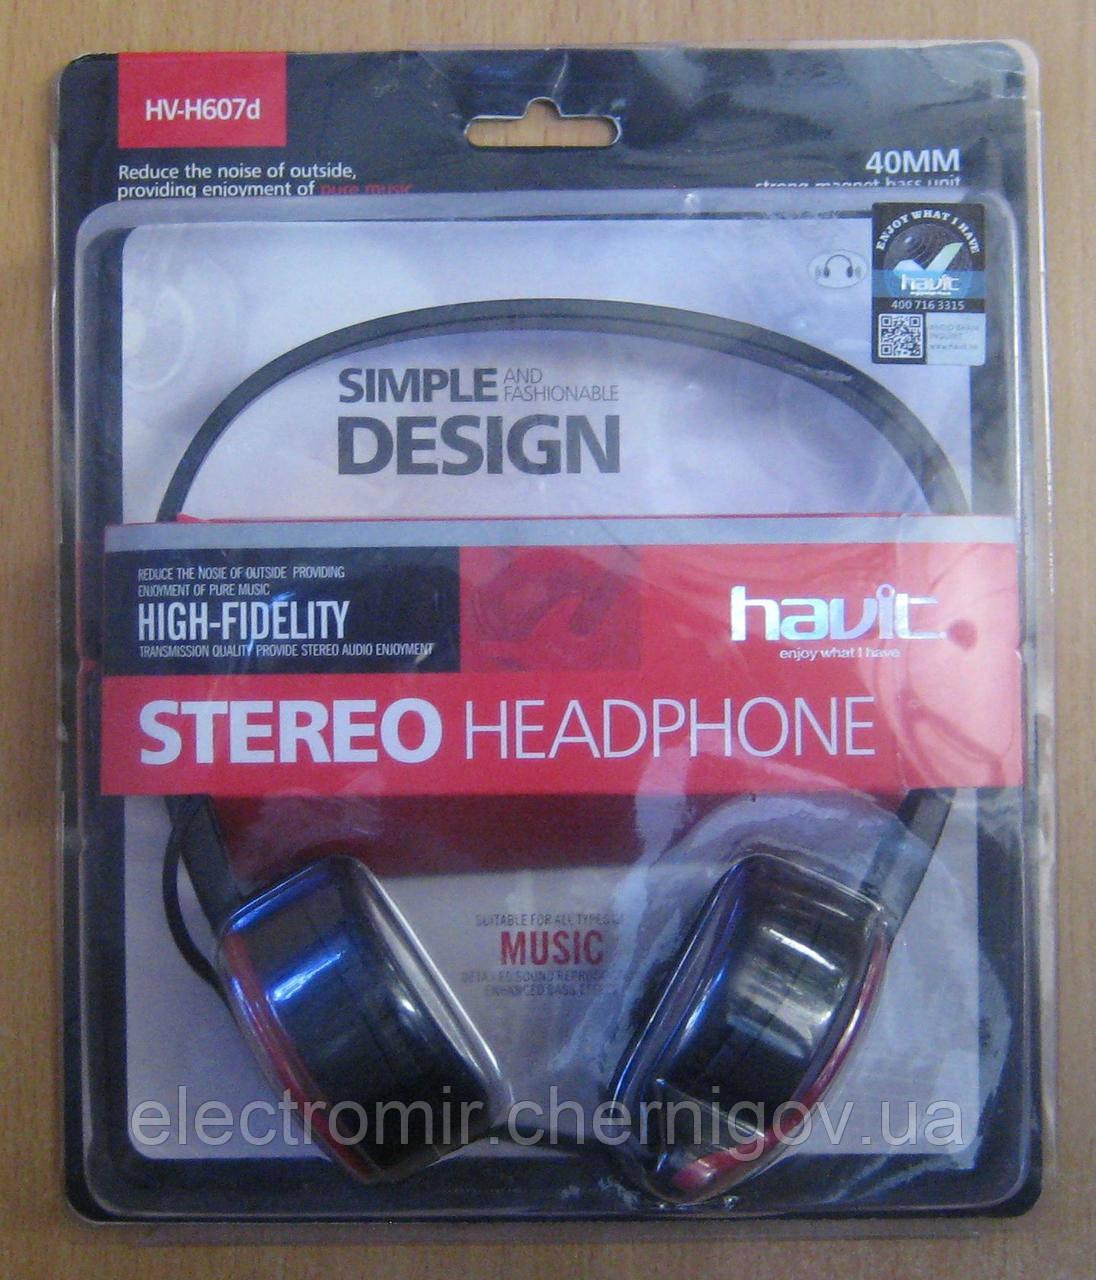 Дротові навушники повнорозмірні Havit HV-H607d (червоні)